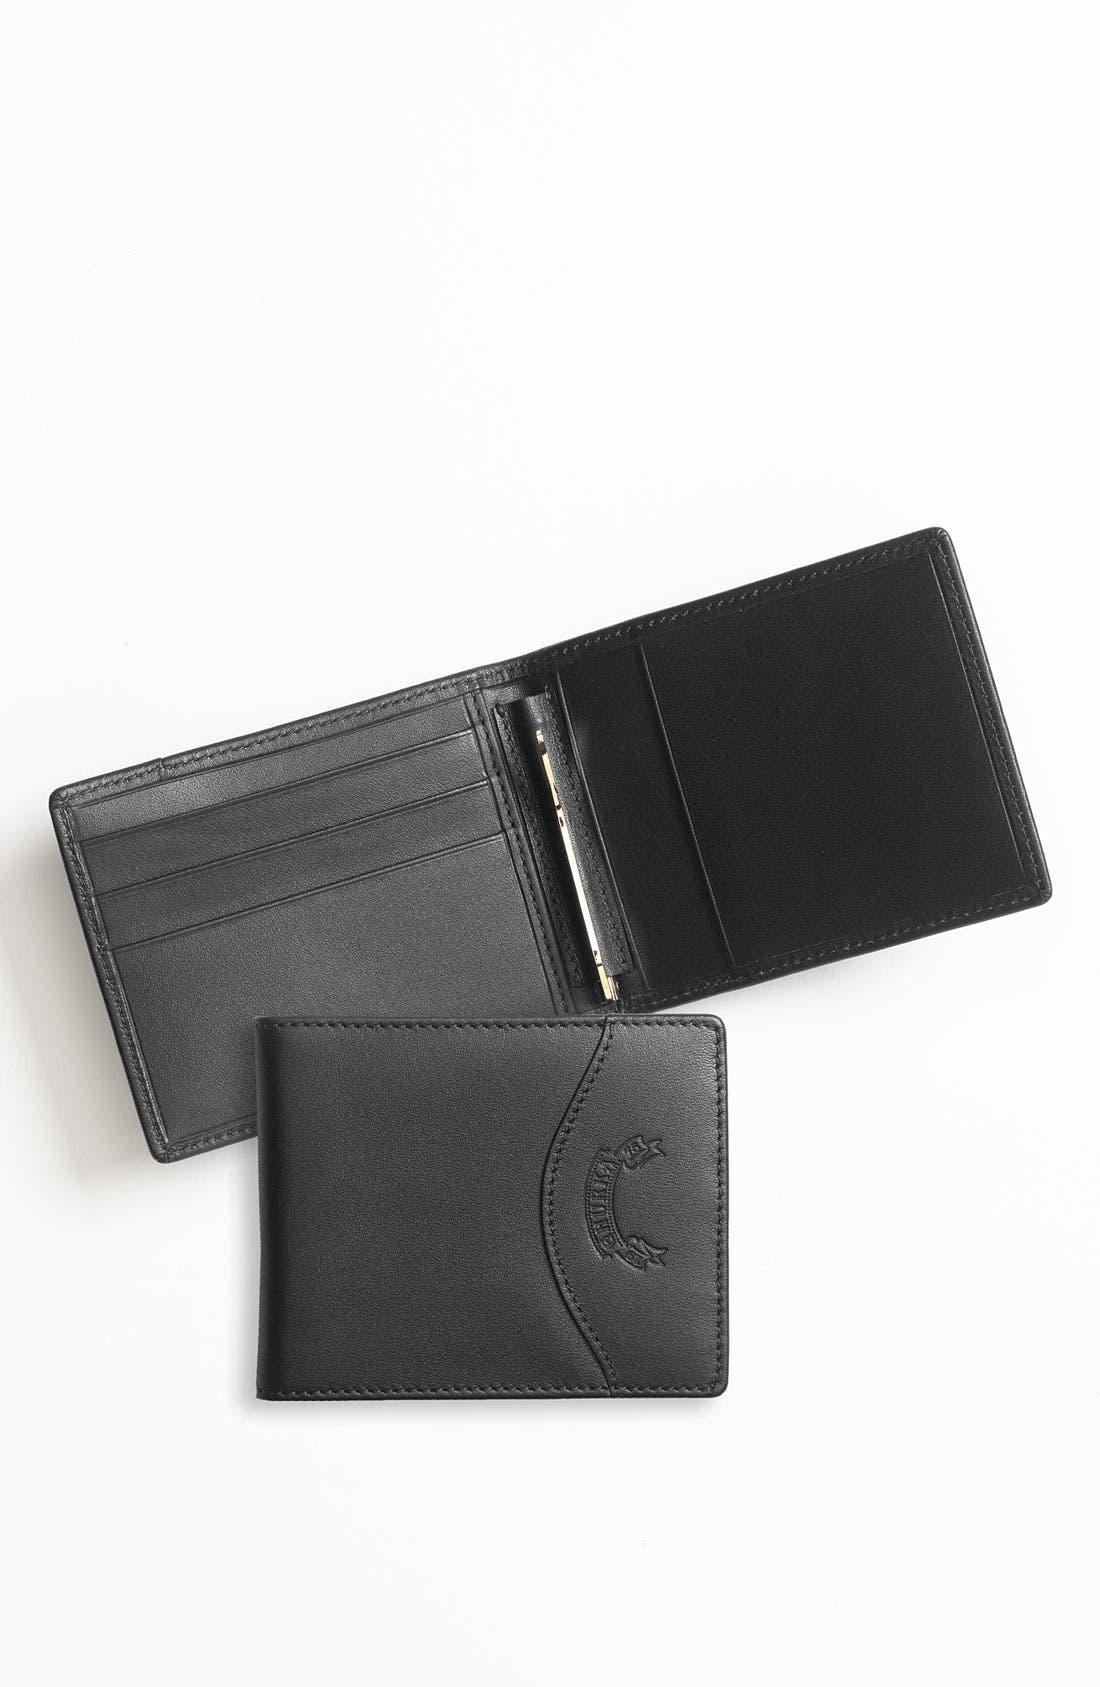 Leather Money Clip Wallet,                             Main thumbnail 1, color,                             001